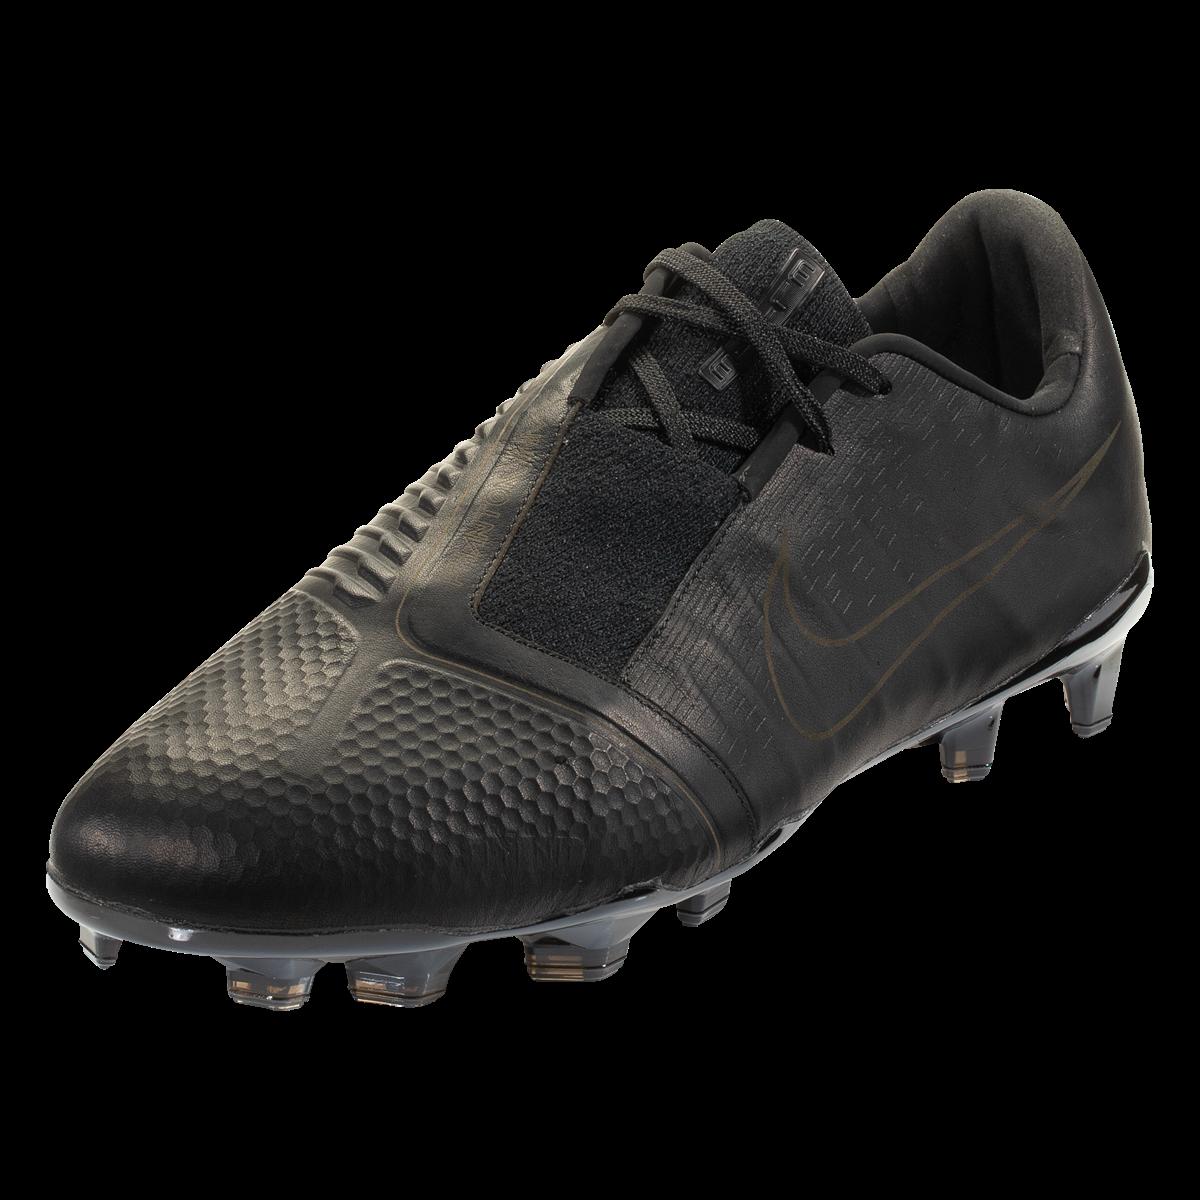 Nike Phantom Venom Elite Tech Craft FG Firm Ground Soccer